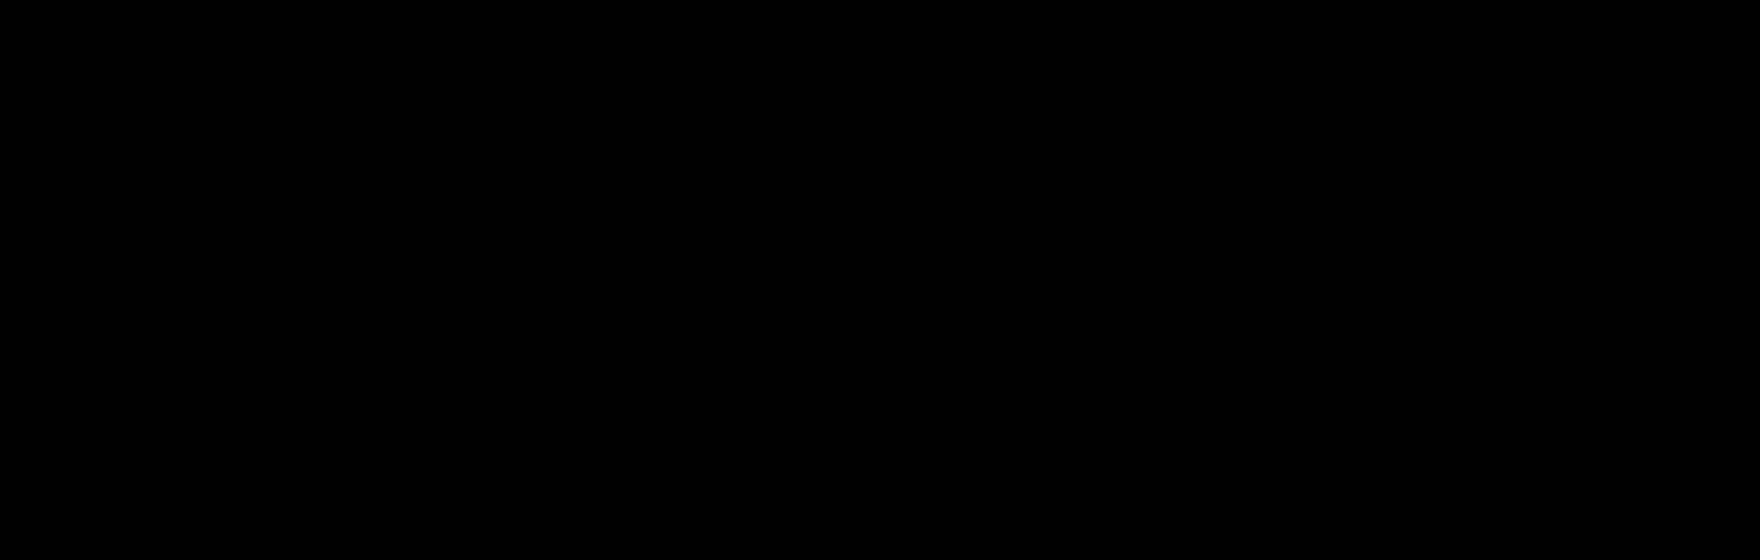 Albendazole-d<sub>7</sub>